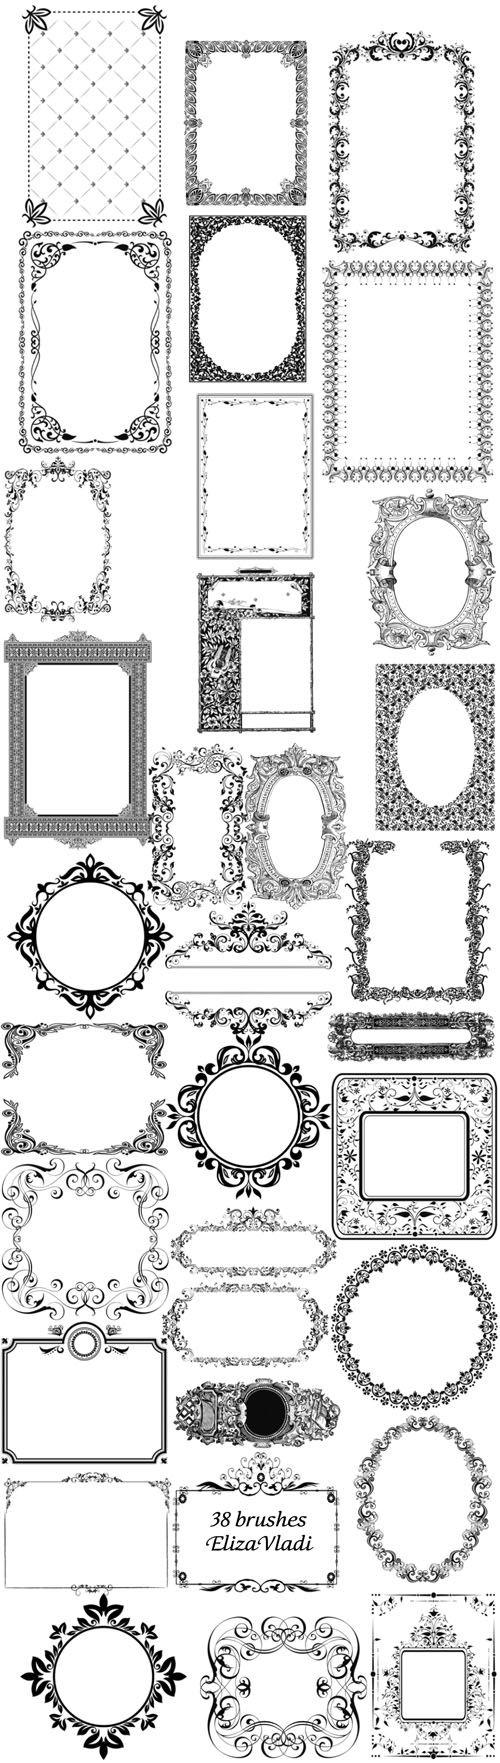 Royal Design frames Brushes